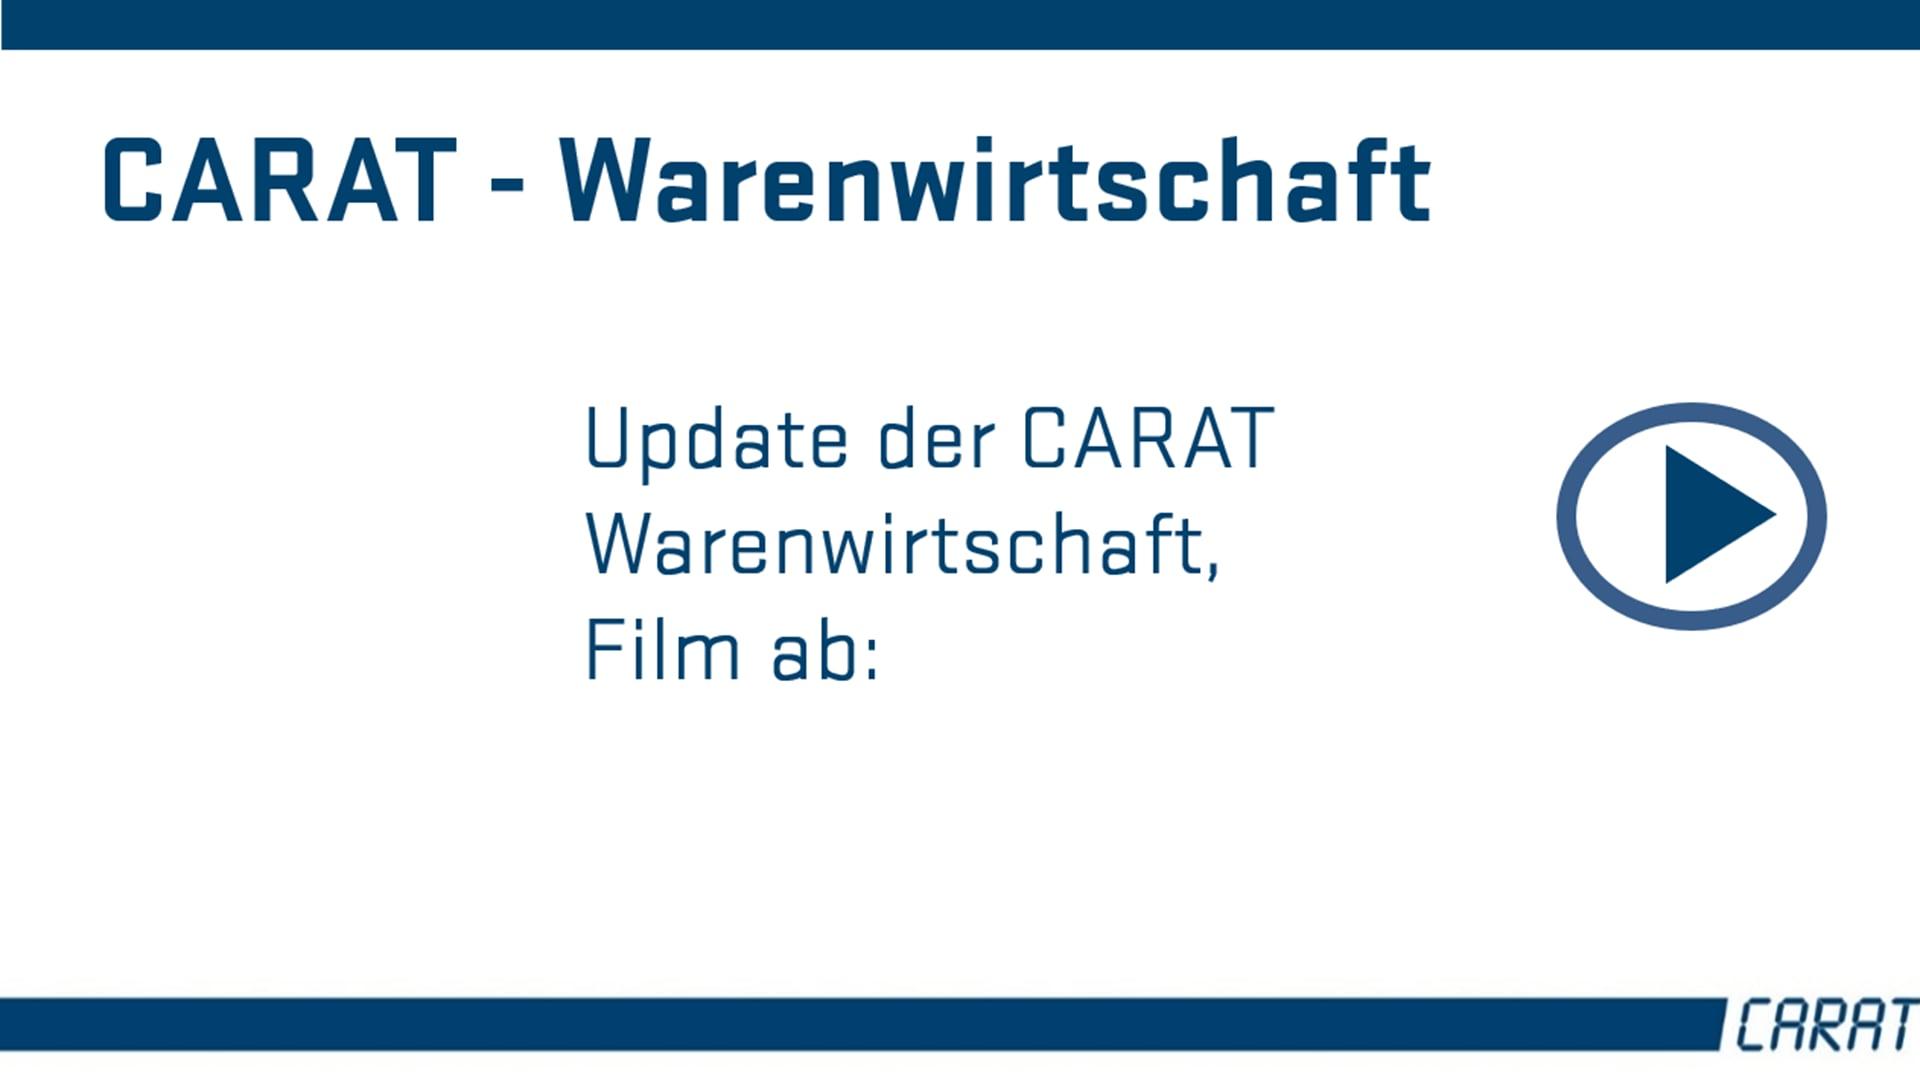 Das Update der CARAT Warenwirtschaft